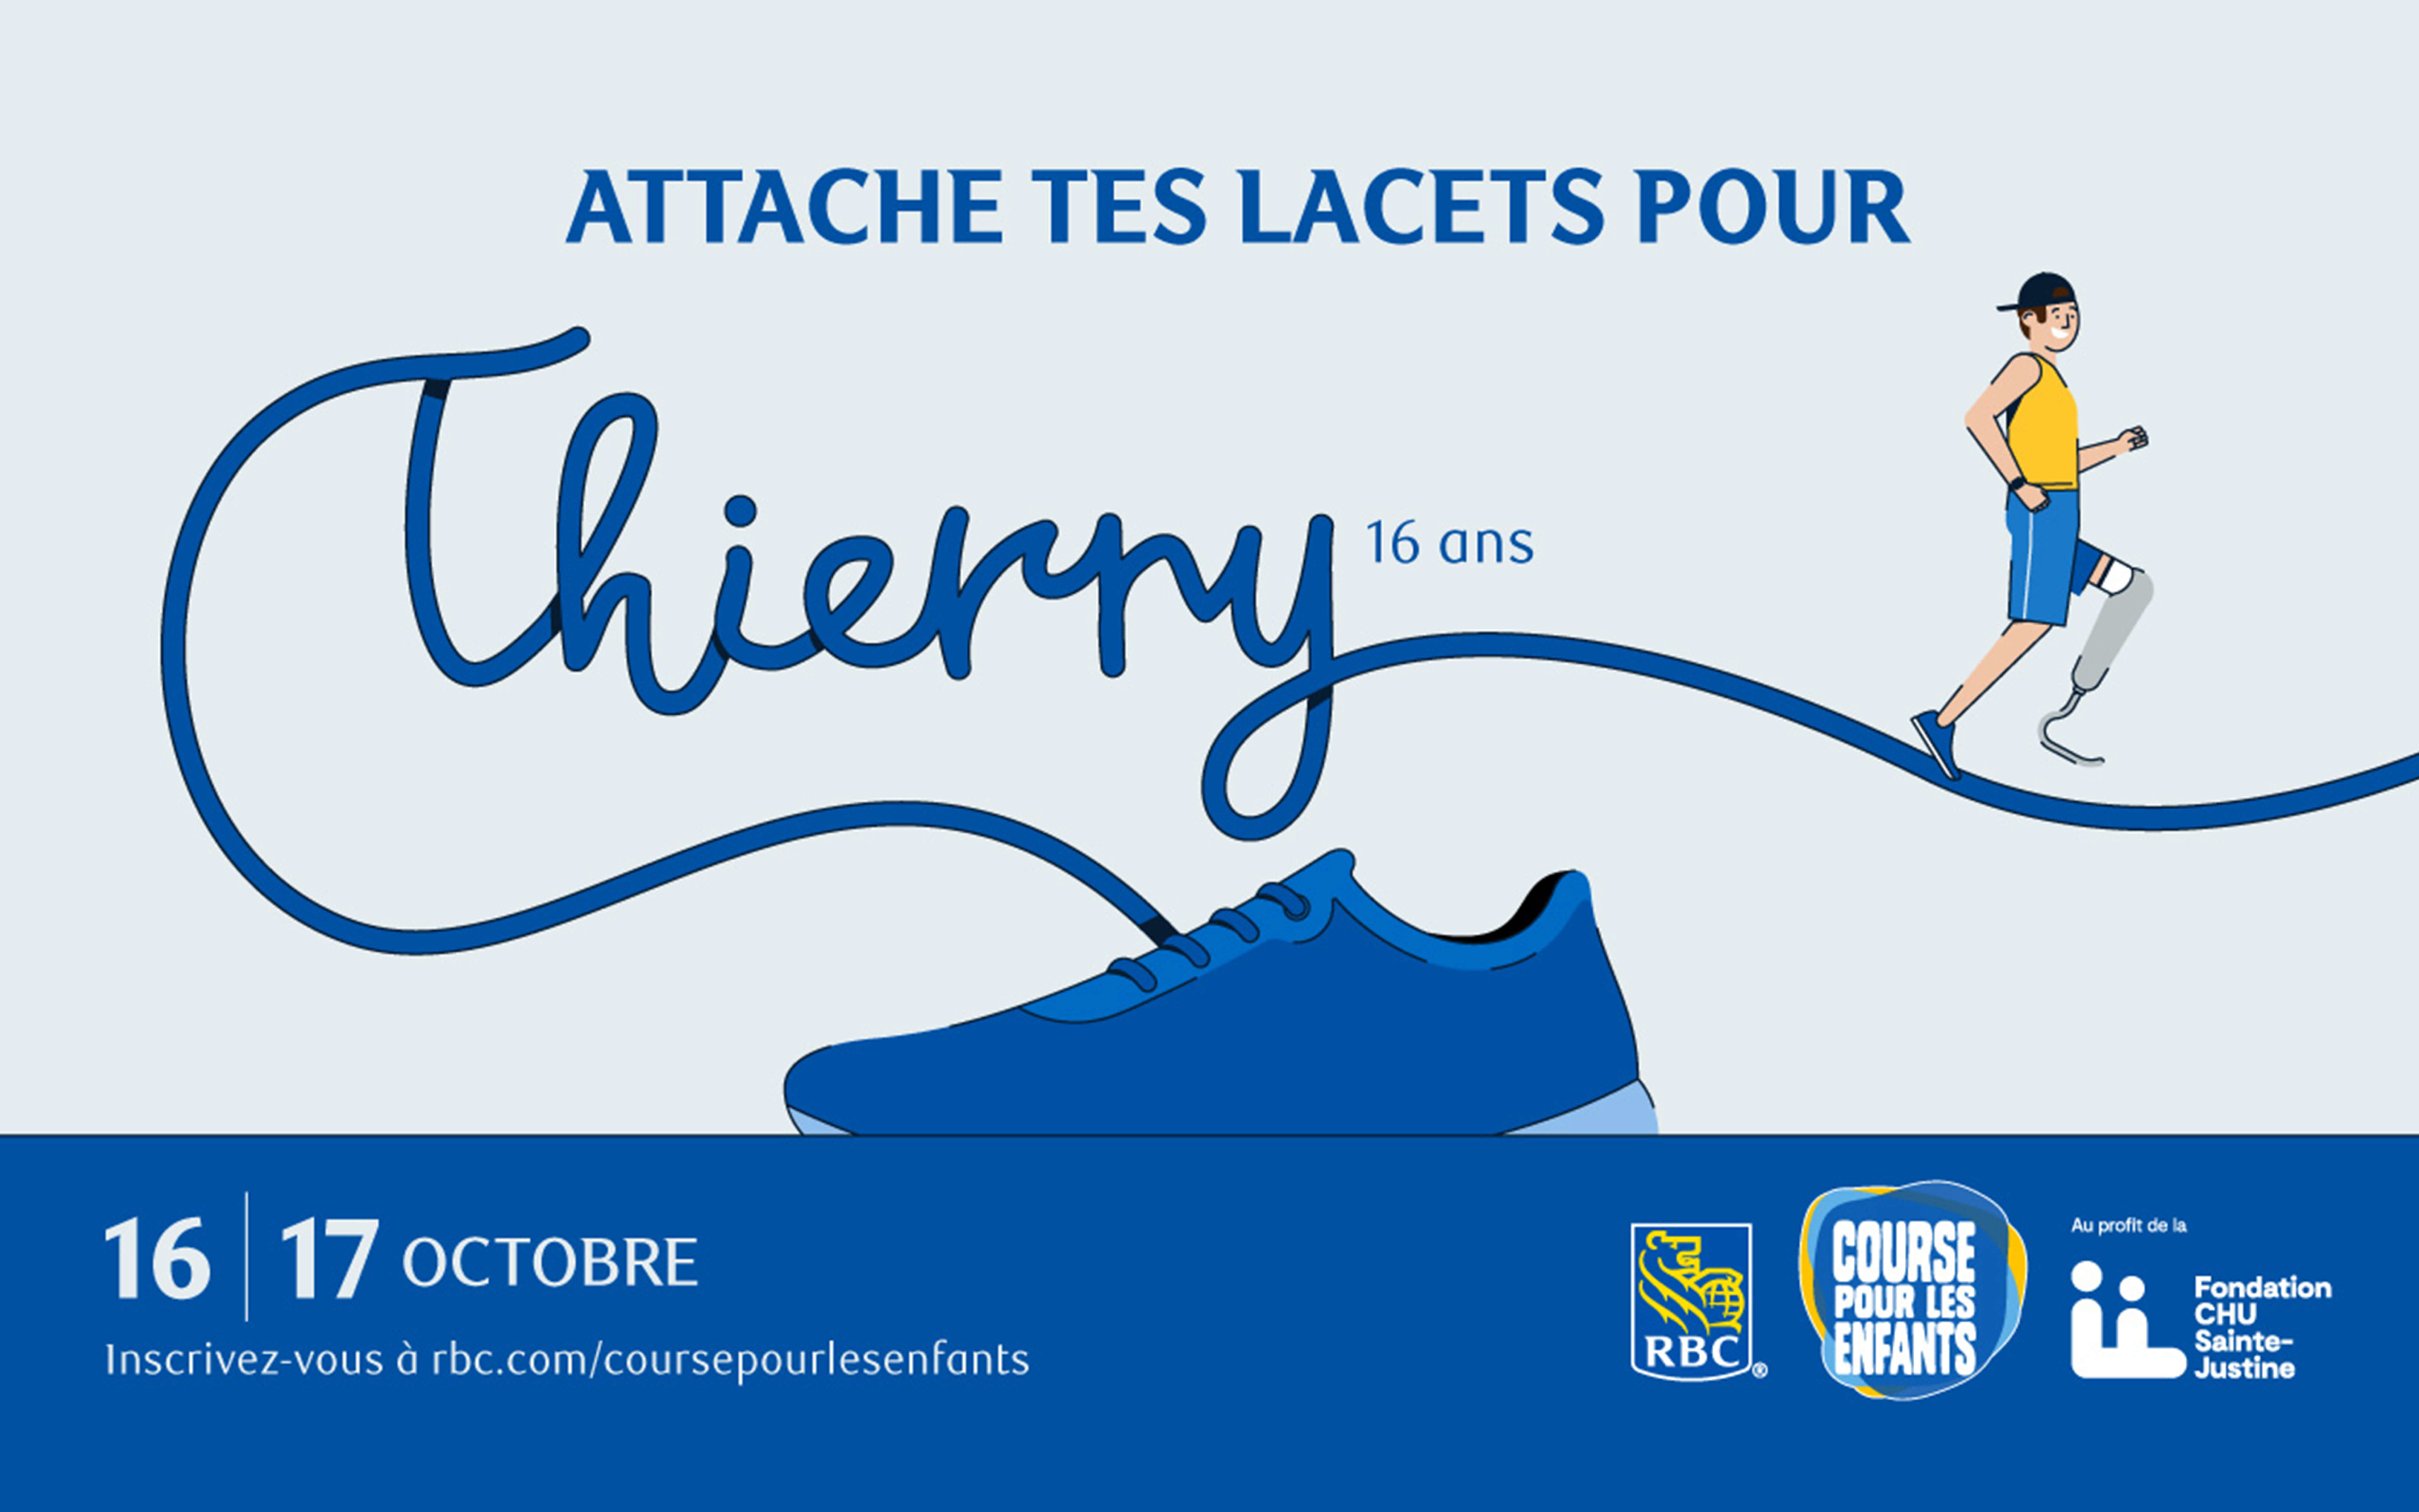 Attache tes lacets thierry course rbc